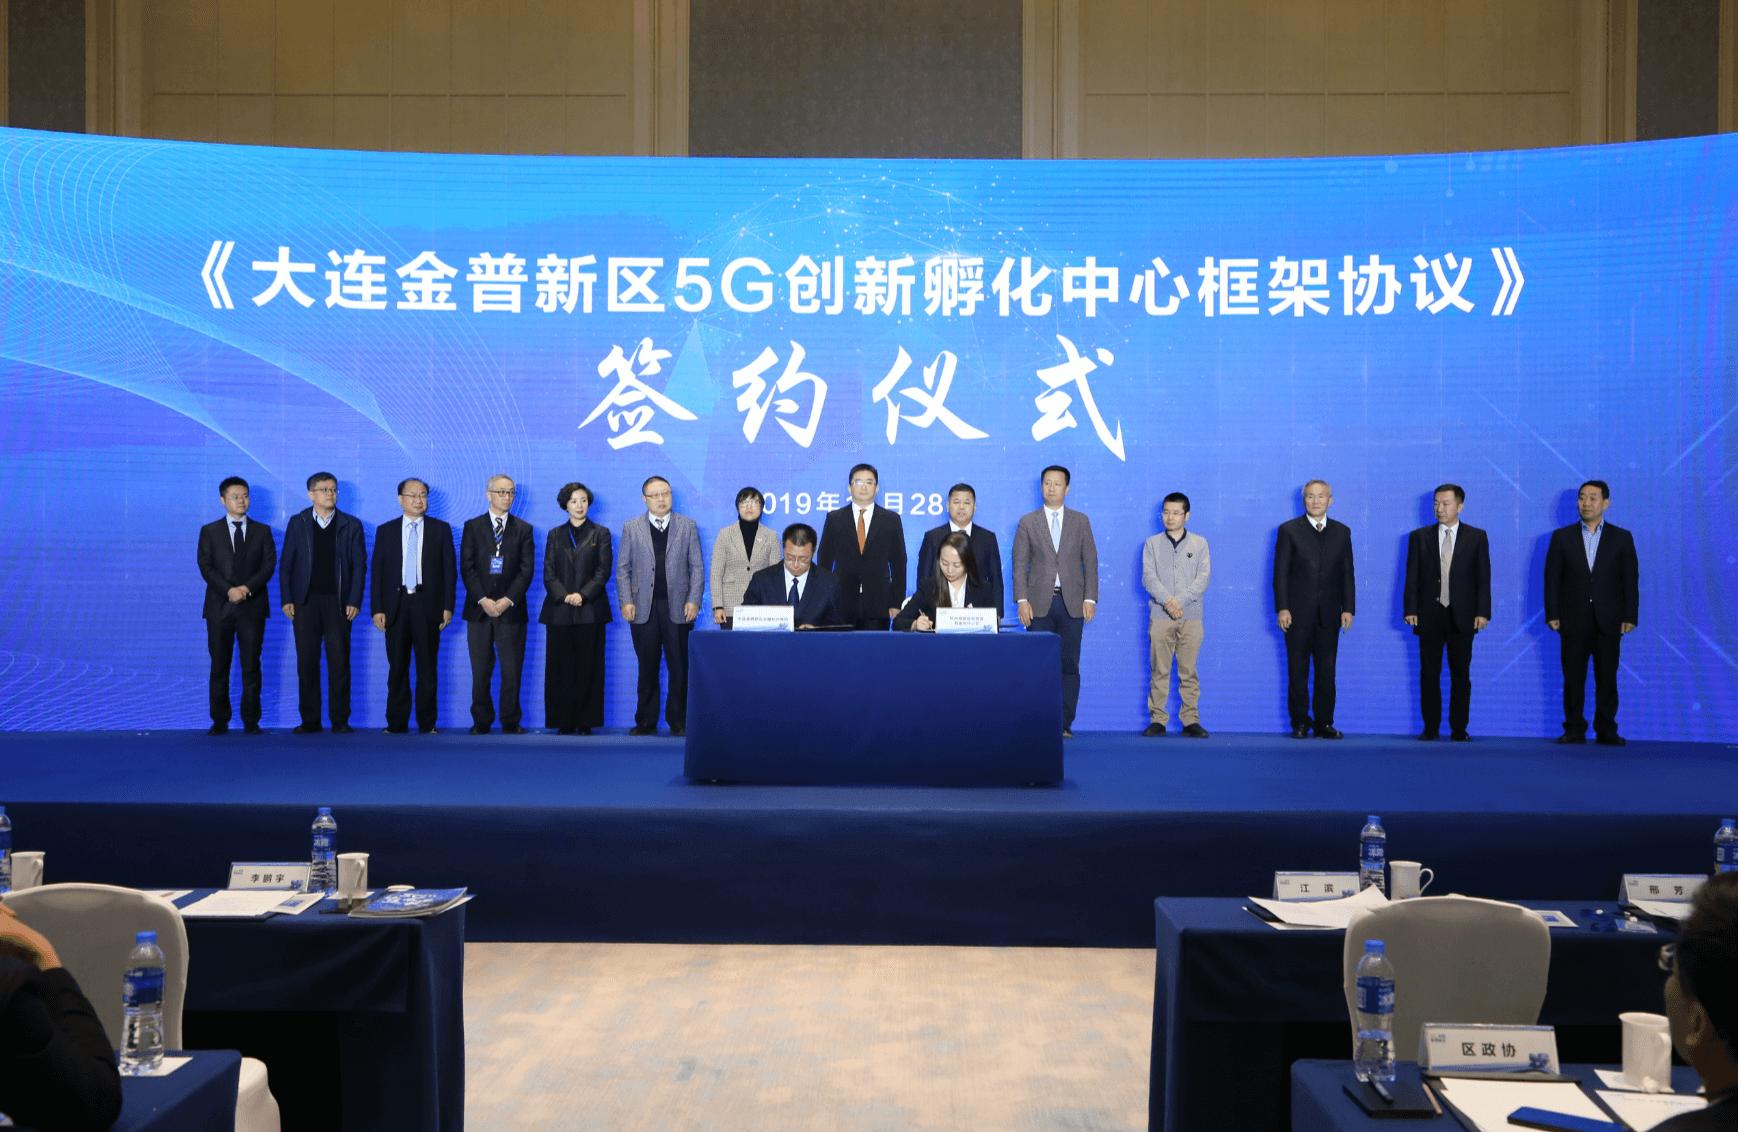 打造5G產業集聚區,大連金普新區5G創新孵化中心項目正式簽約!